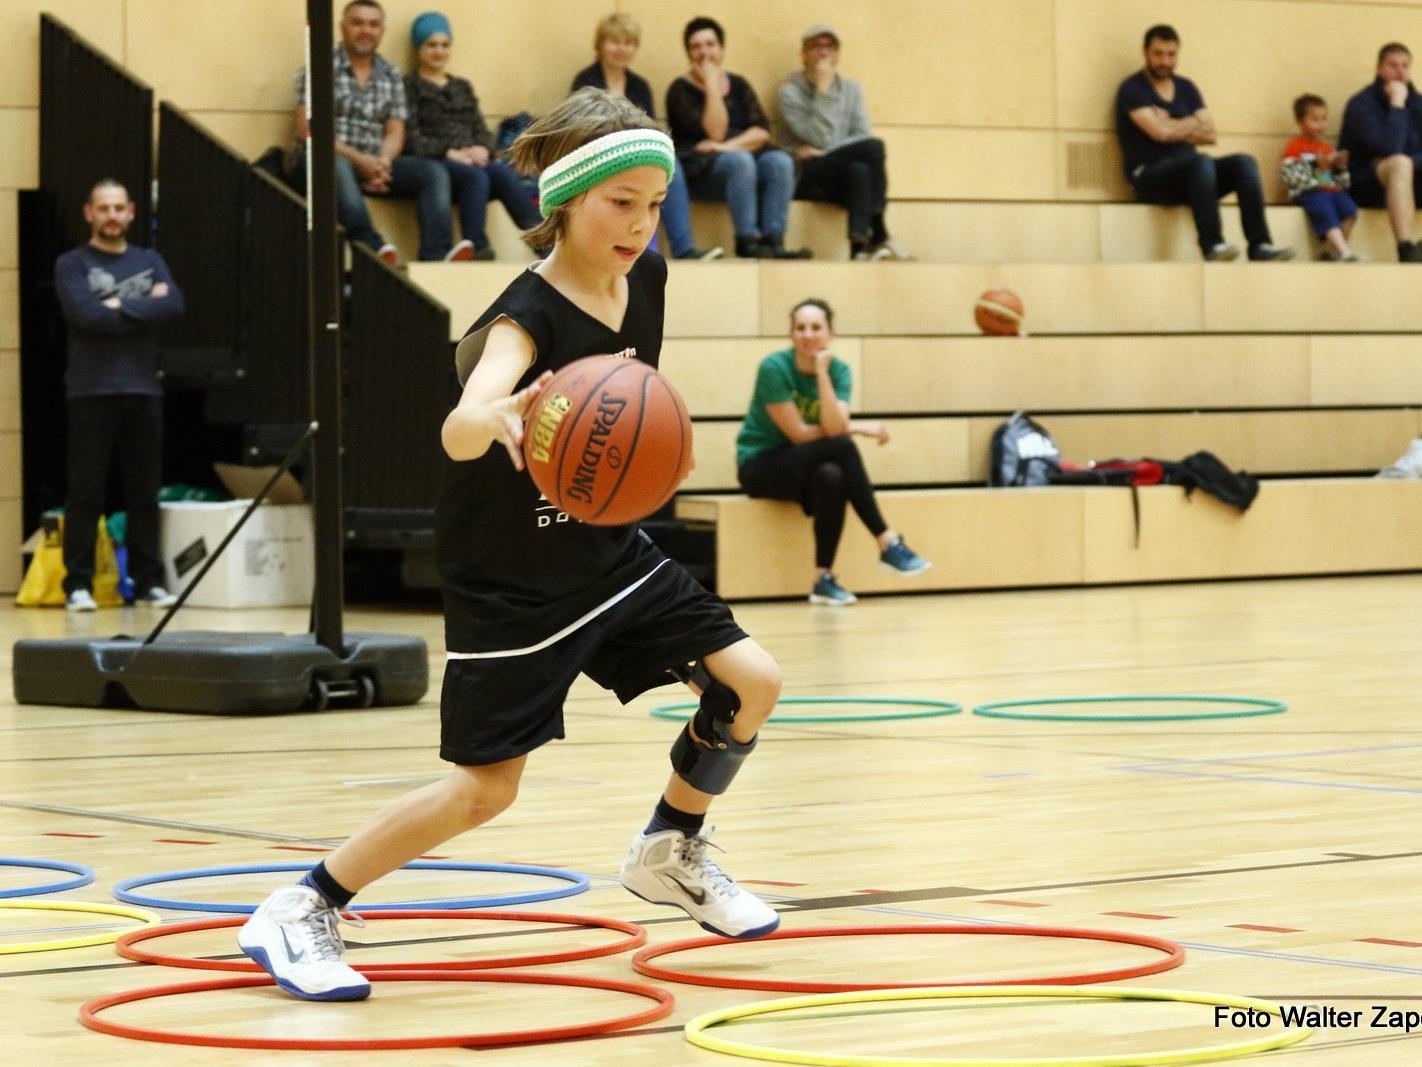 Kommende Woche können Kinder und Jugendliche sich im Basketball-Camp in Haselstauden austoben.